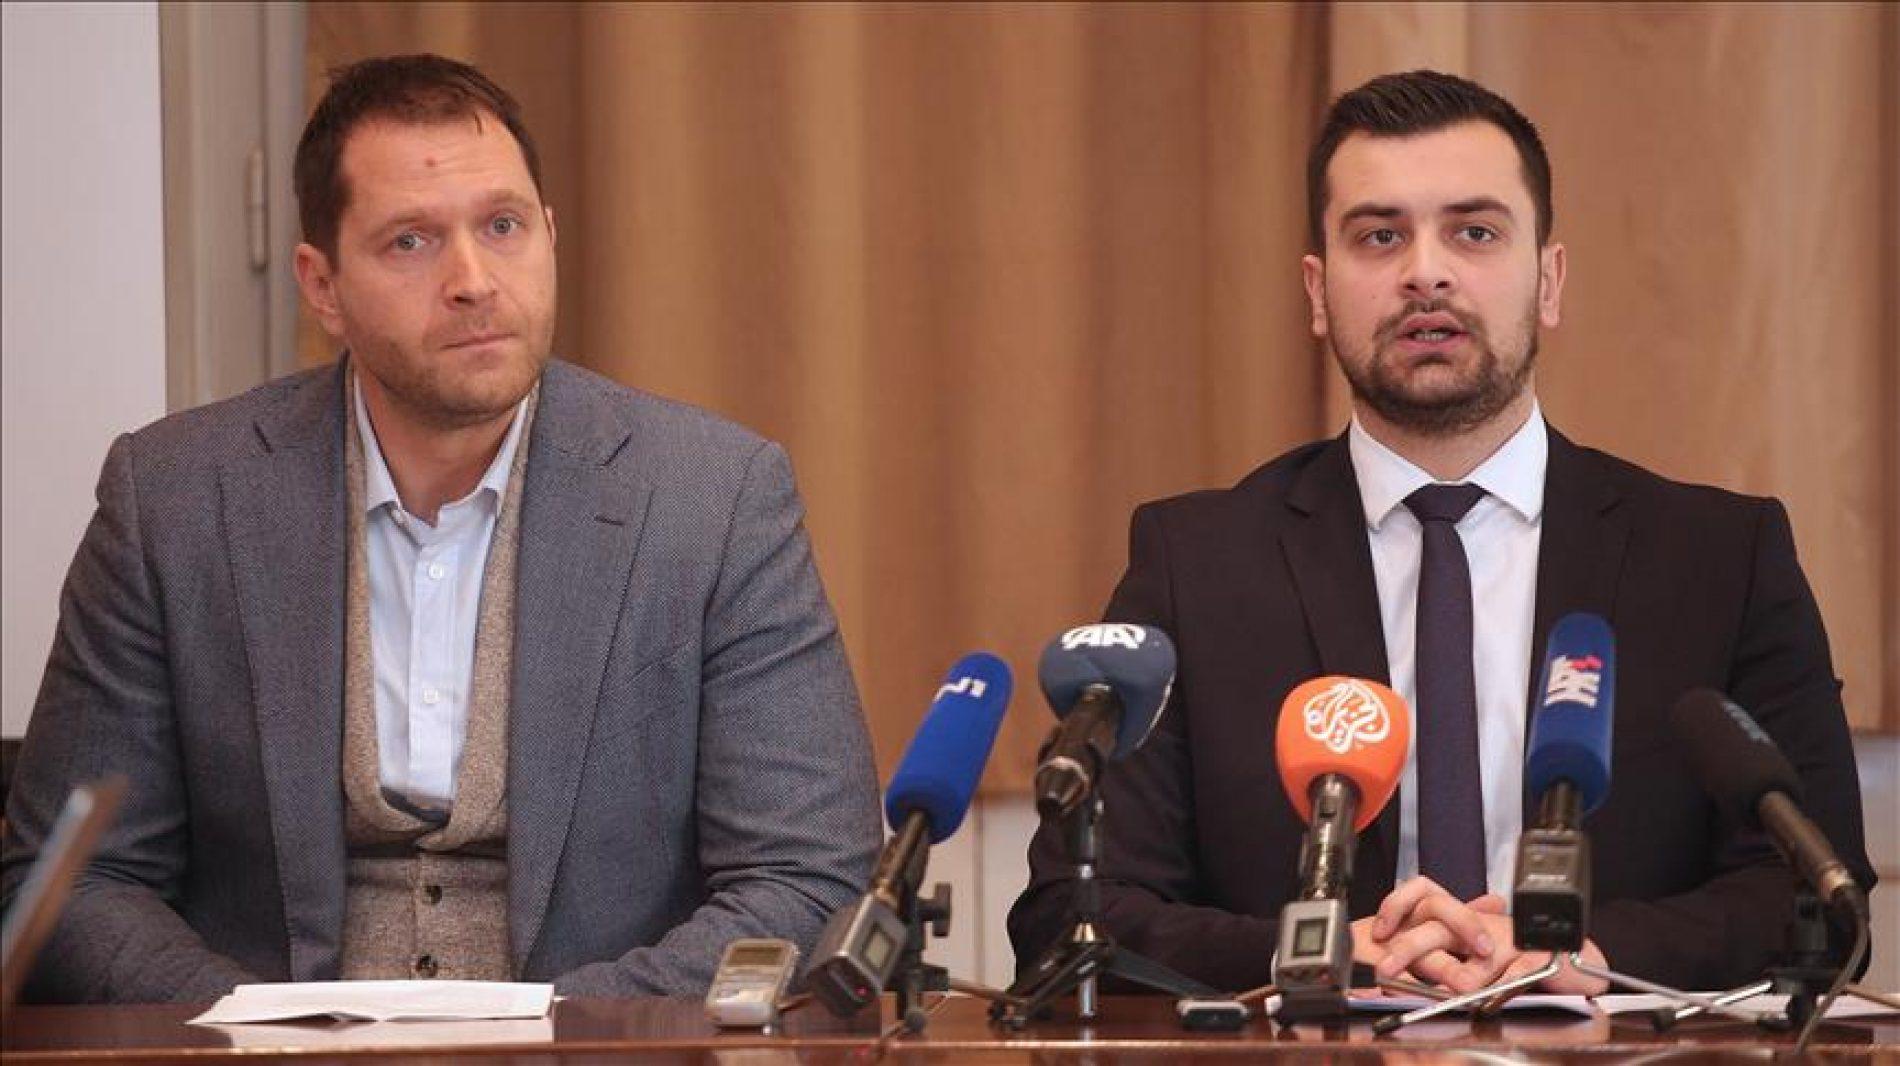 'Bošnjaci u Hrvatskoj izloženi prijetnjama i uvredama, a politički su marginalizirani'